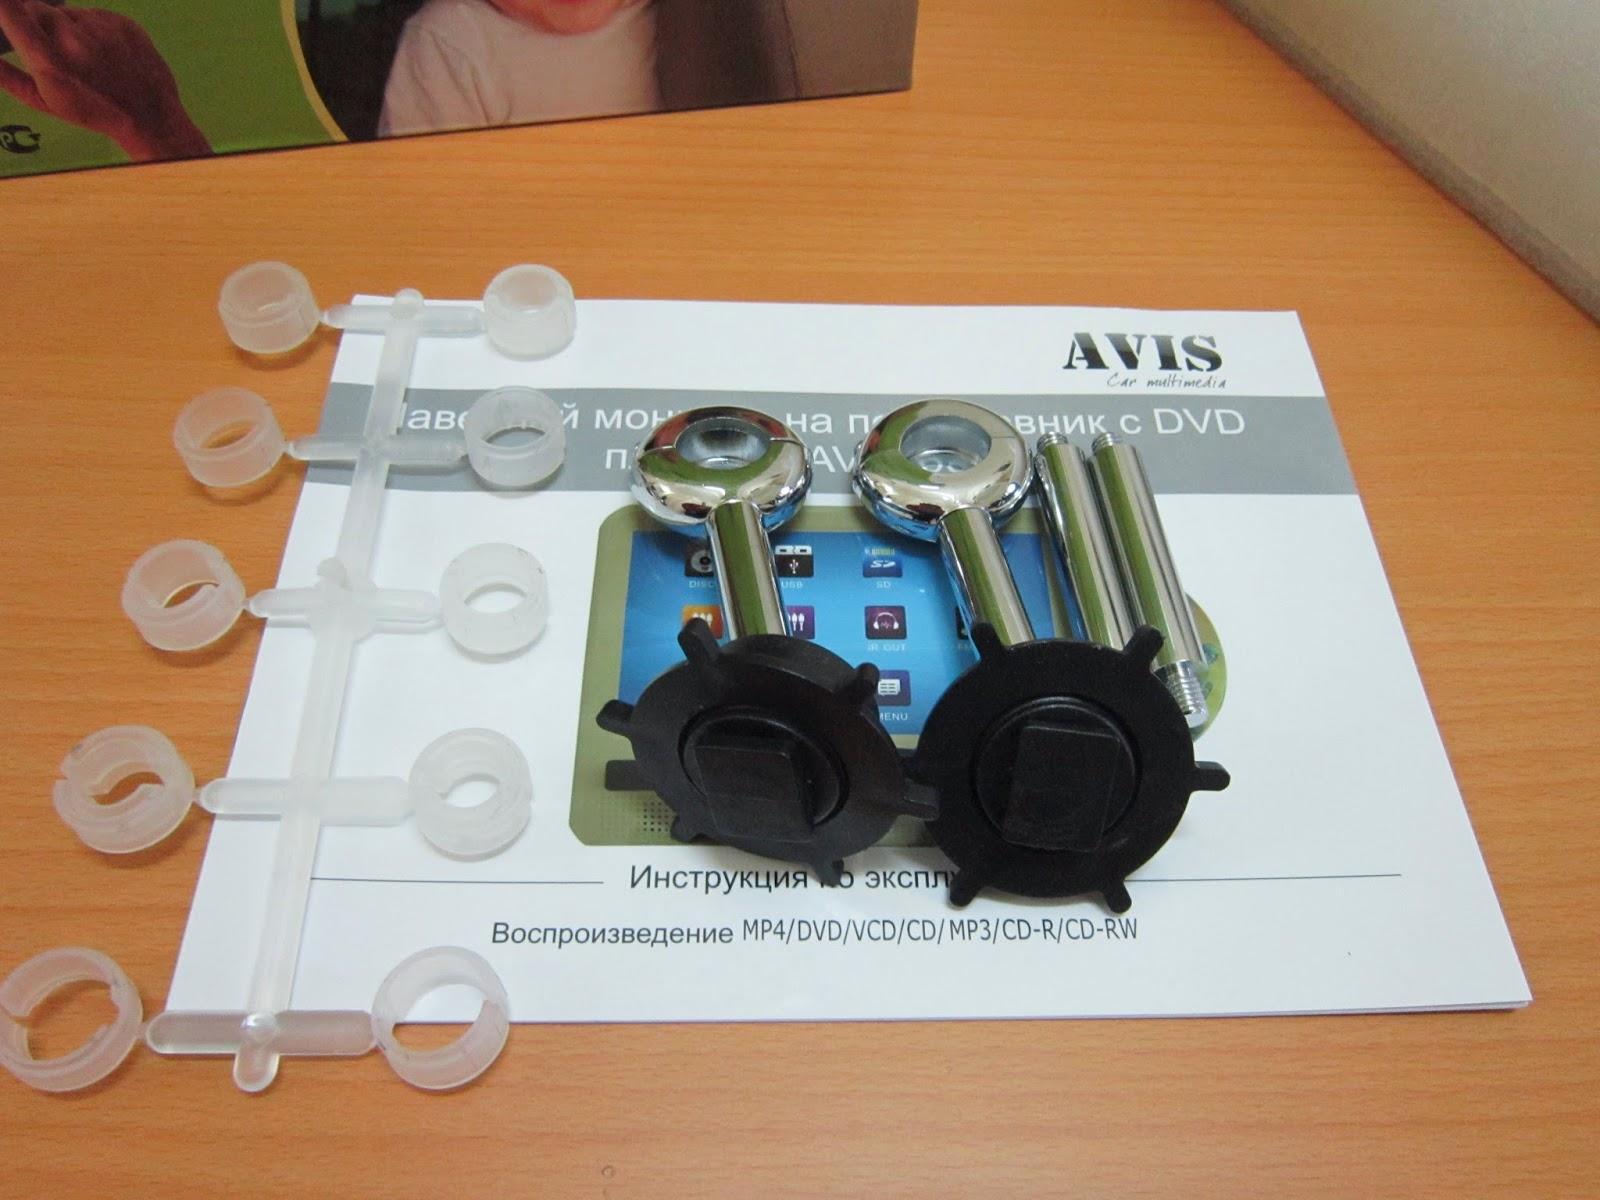 навесной монитор avs0933t